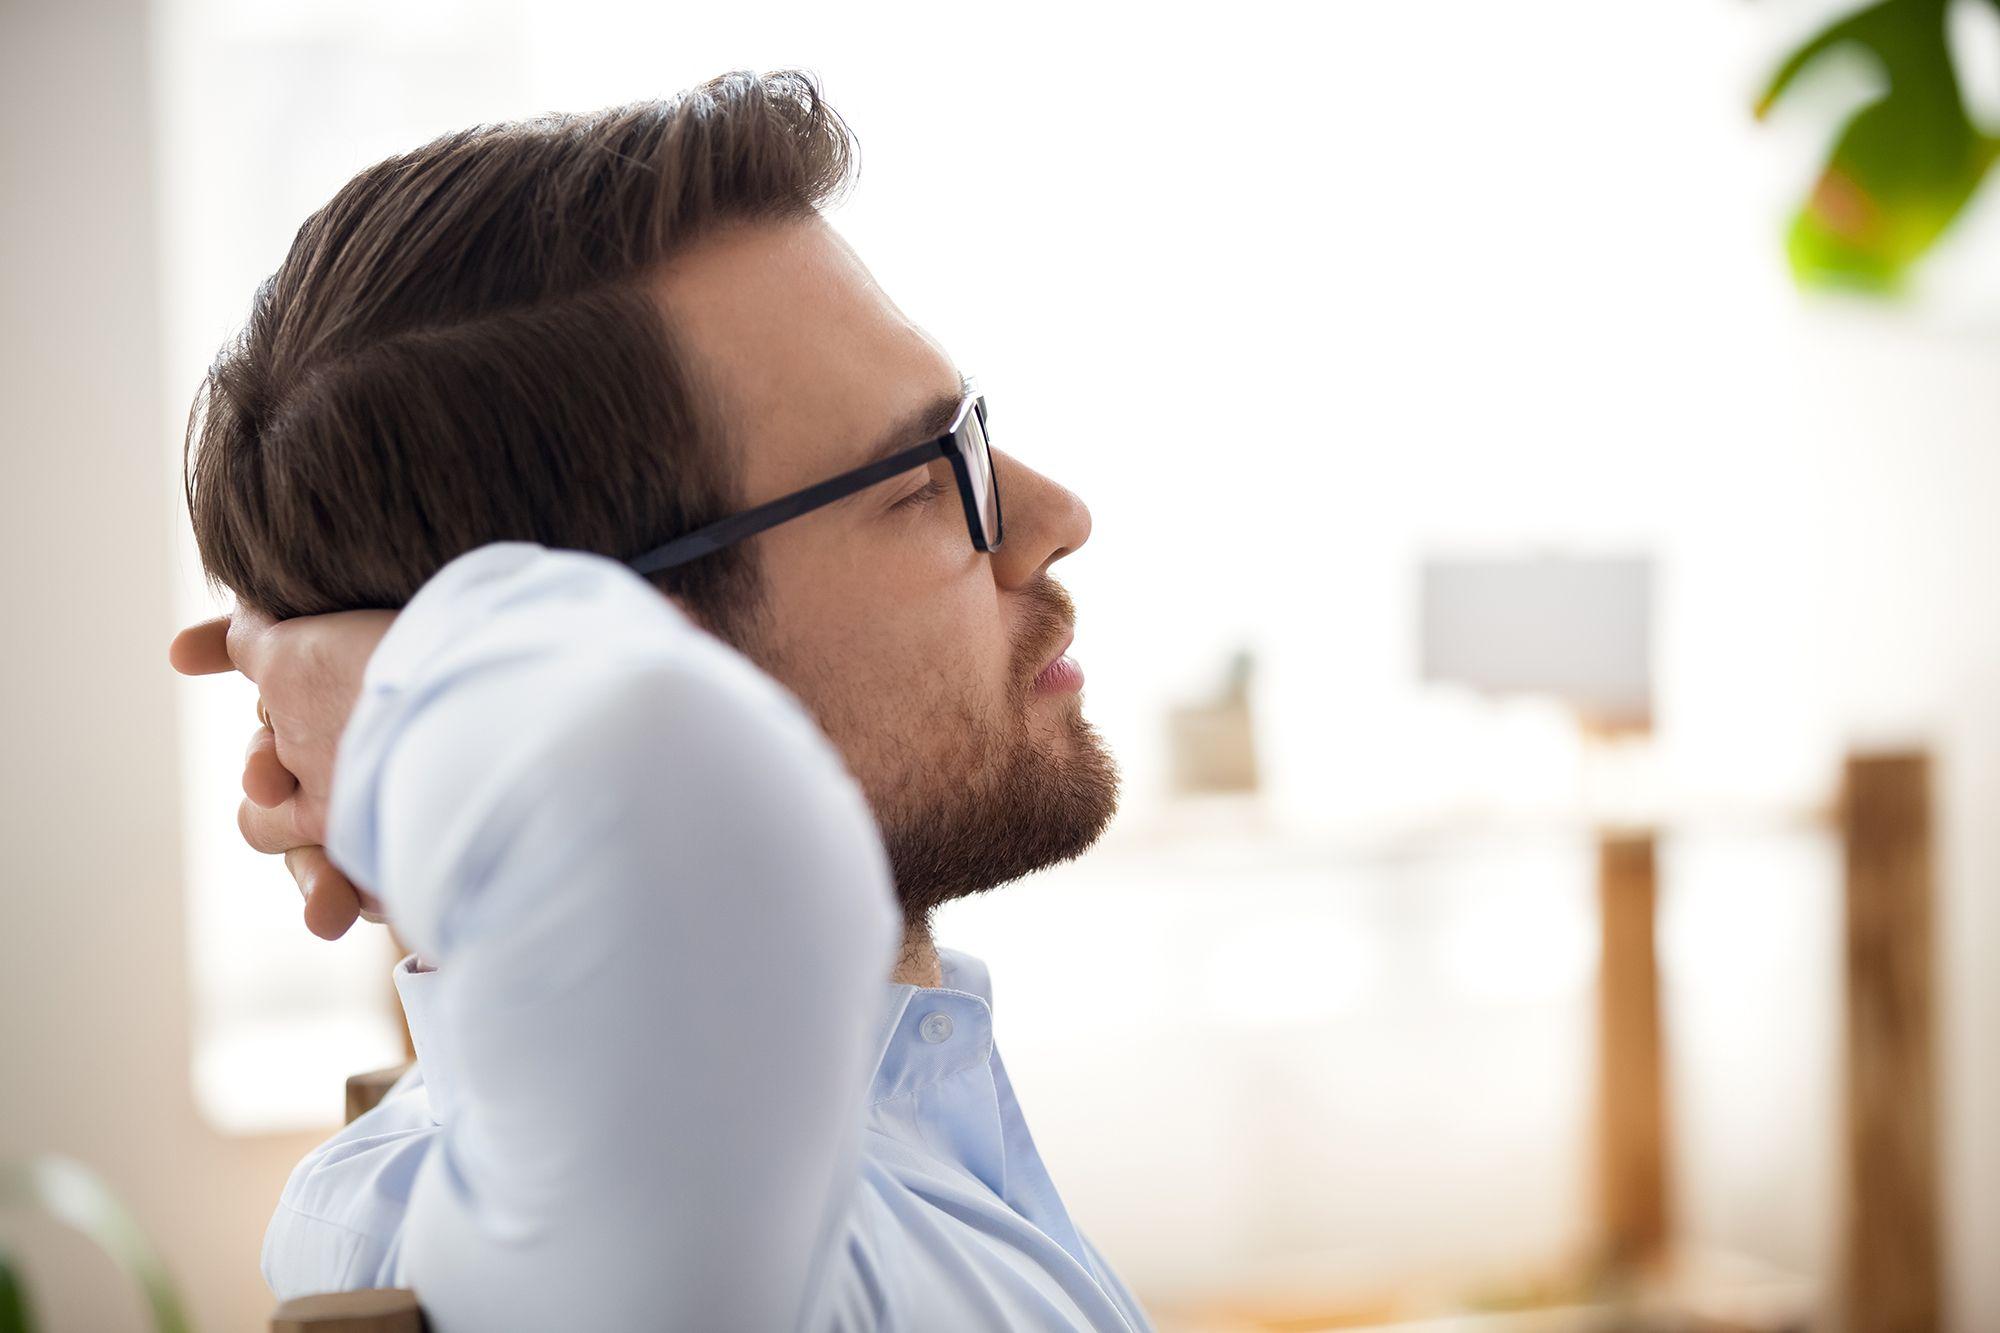 Dihalne vaje za stres pred javnim nastopom